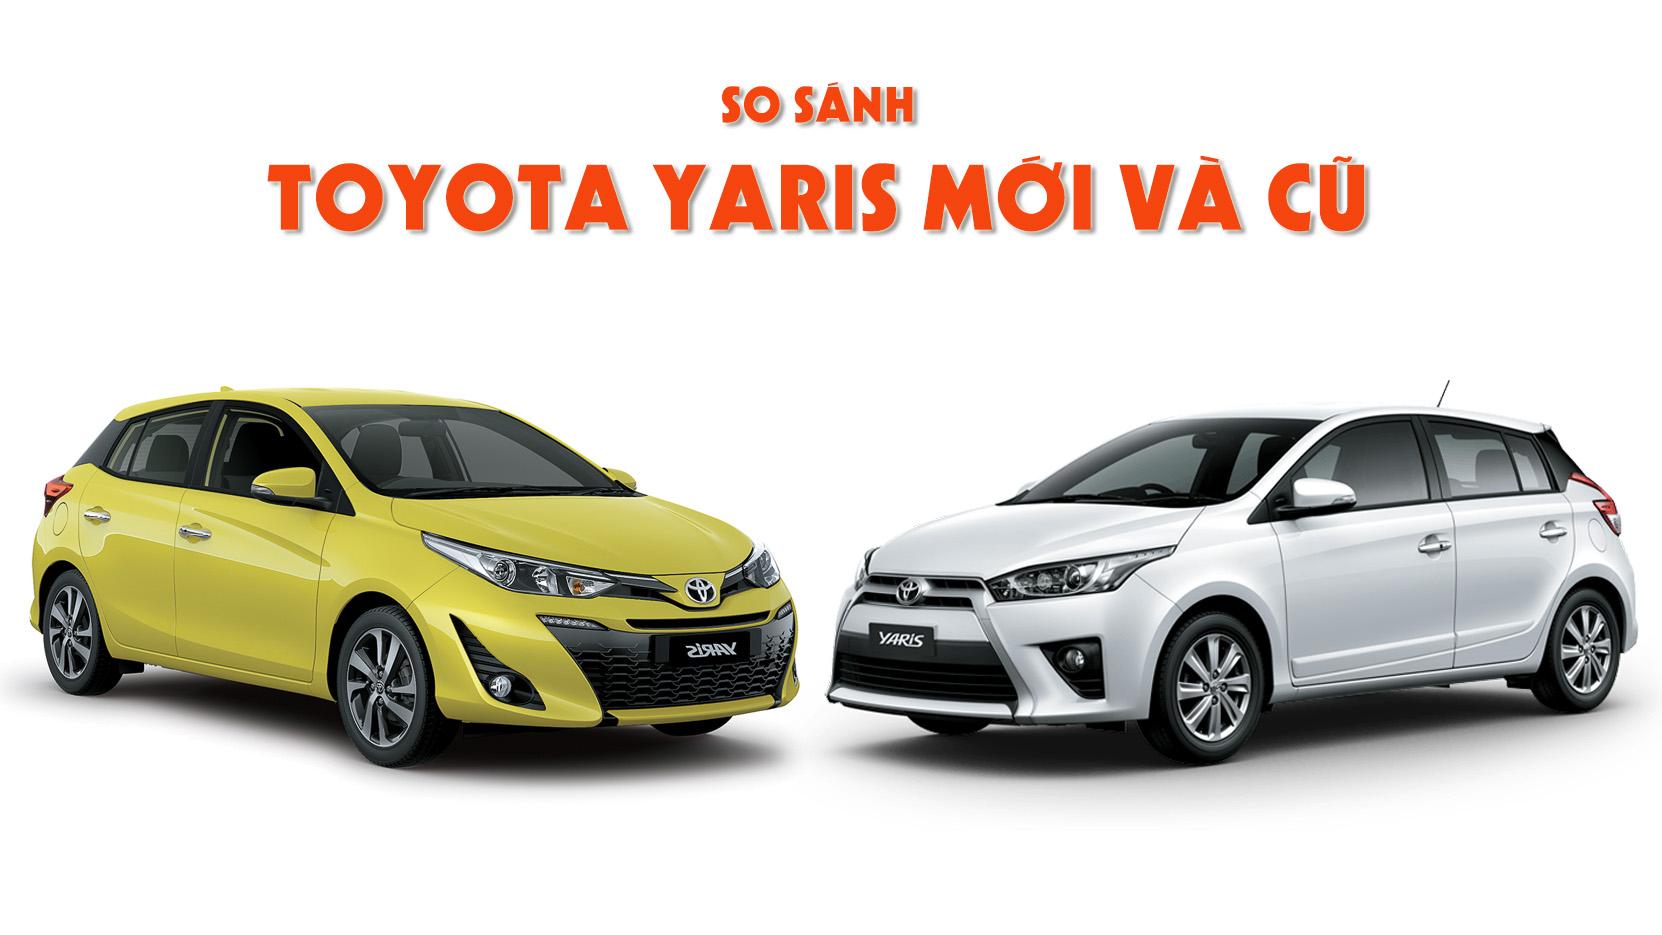 Toyota Yaris 2018 so sánh phiên bản cũ